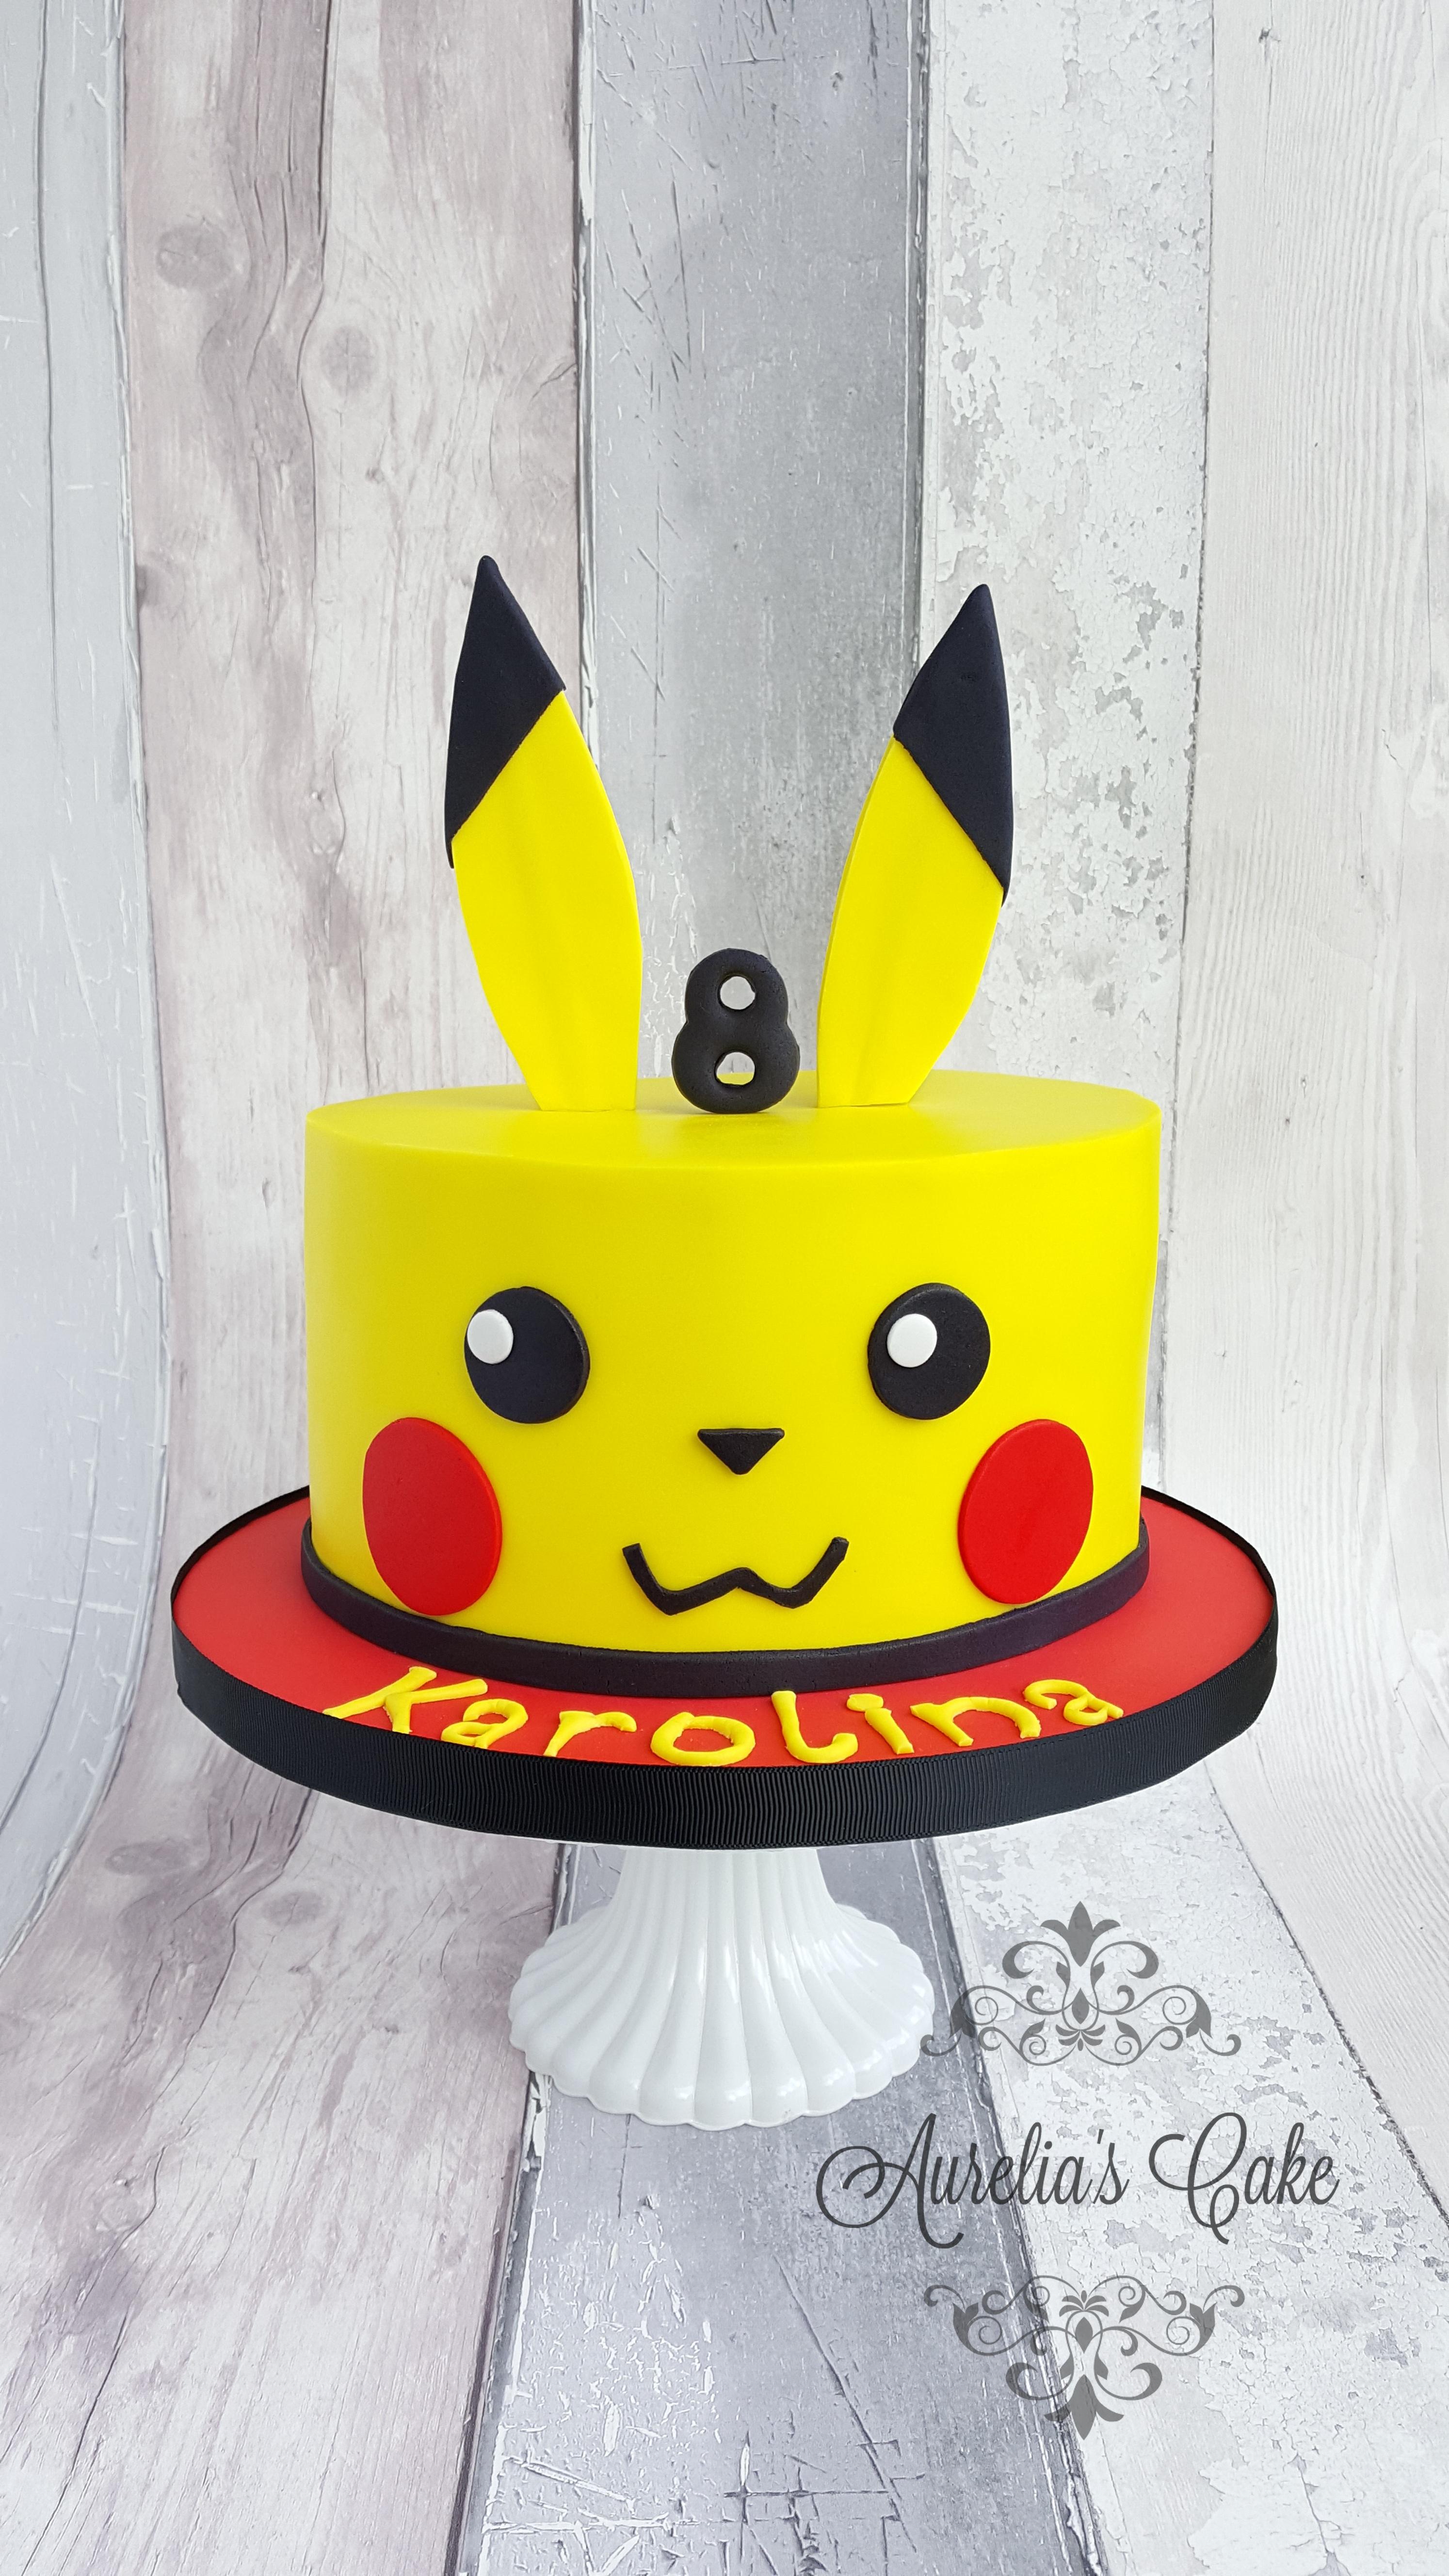 Pikachu/Pkemon cake